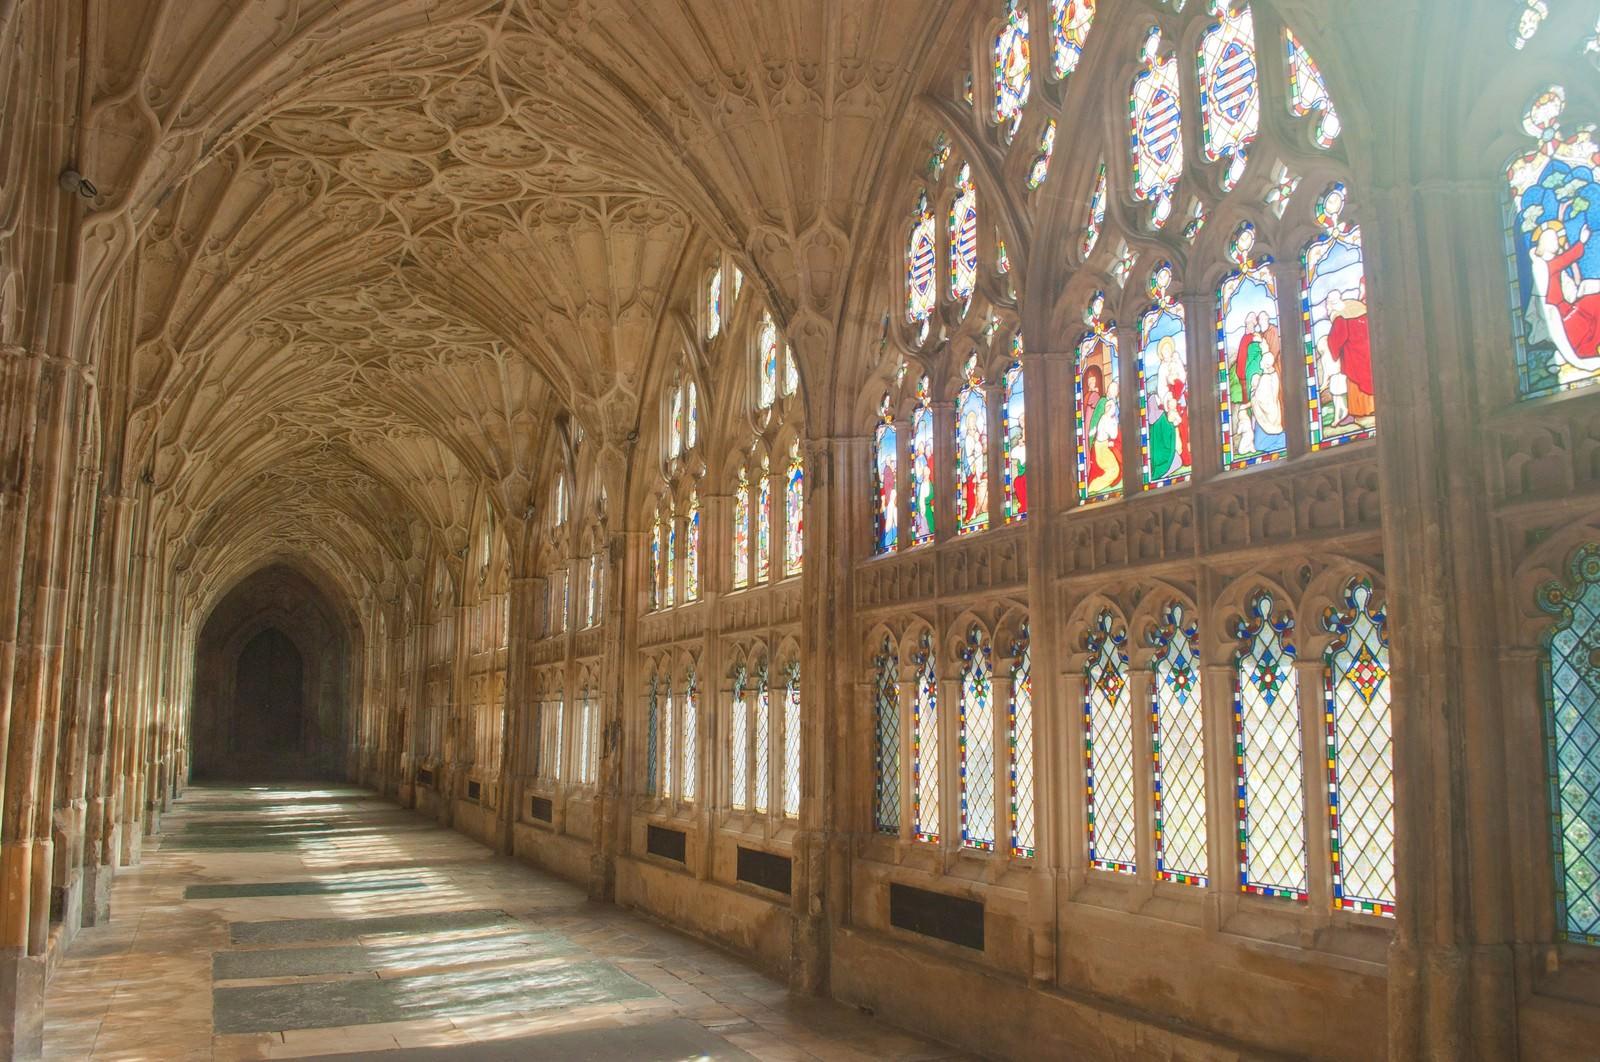 「ステンドグラスから光が差し込むグロスター聖堂」の写真